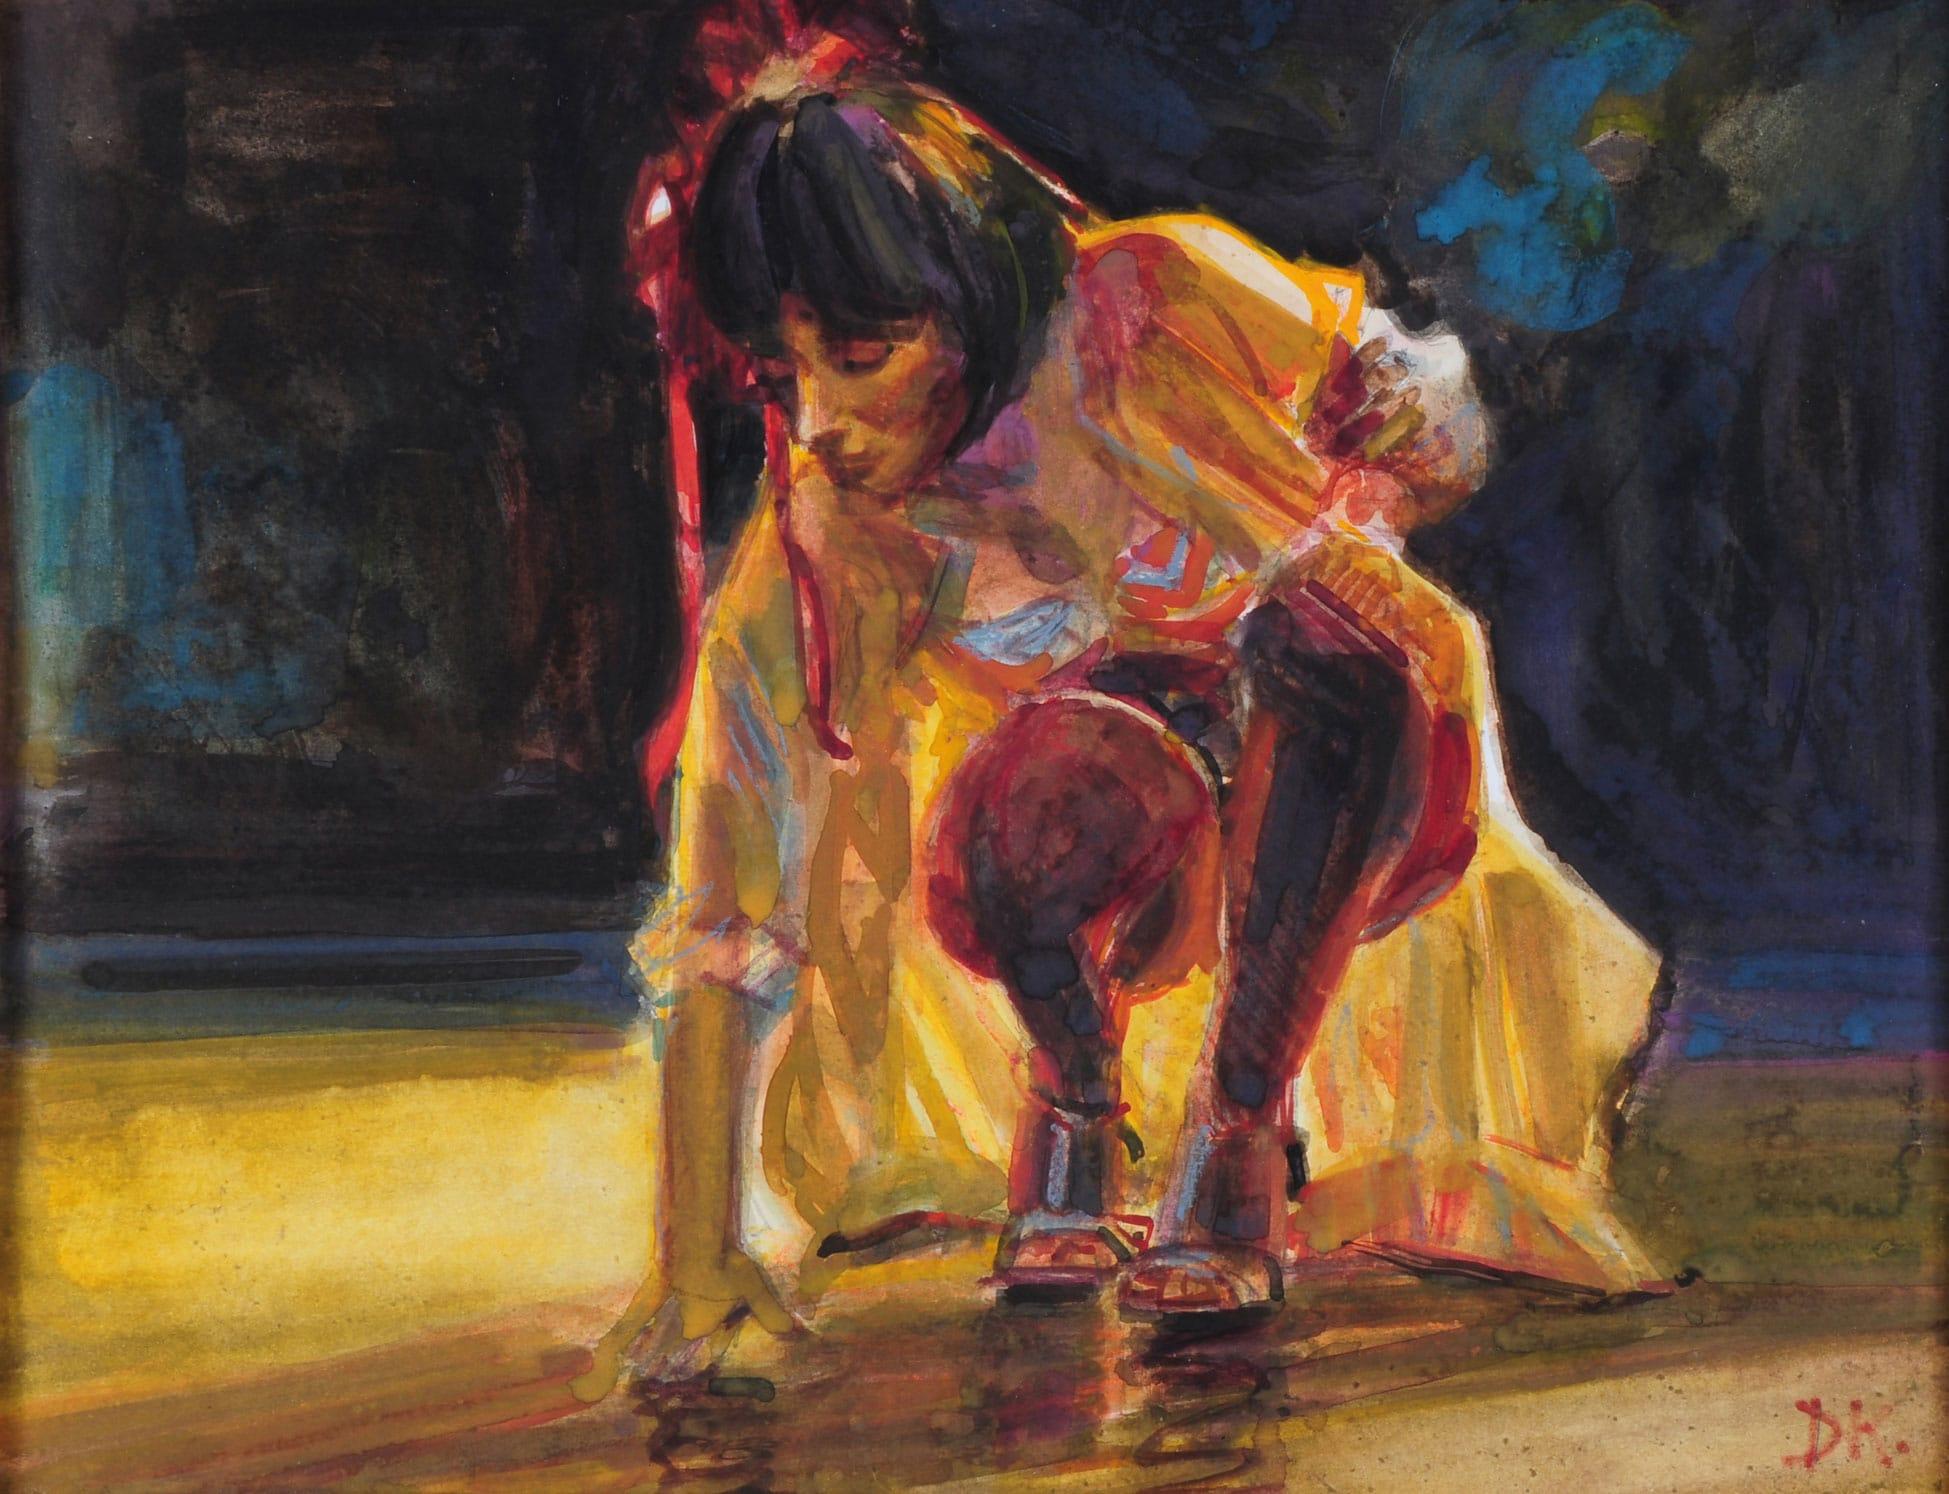 Pinaculo de la sensualidad - 1 part 4